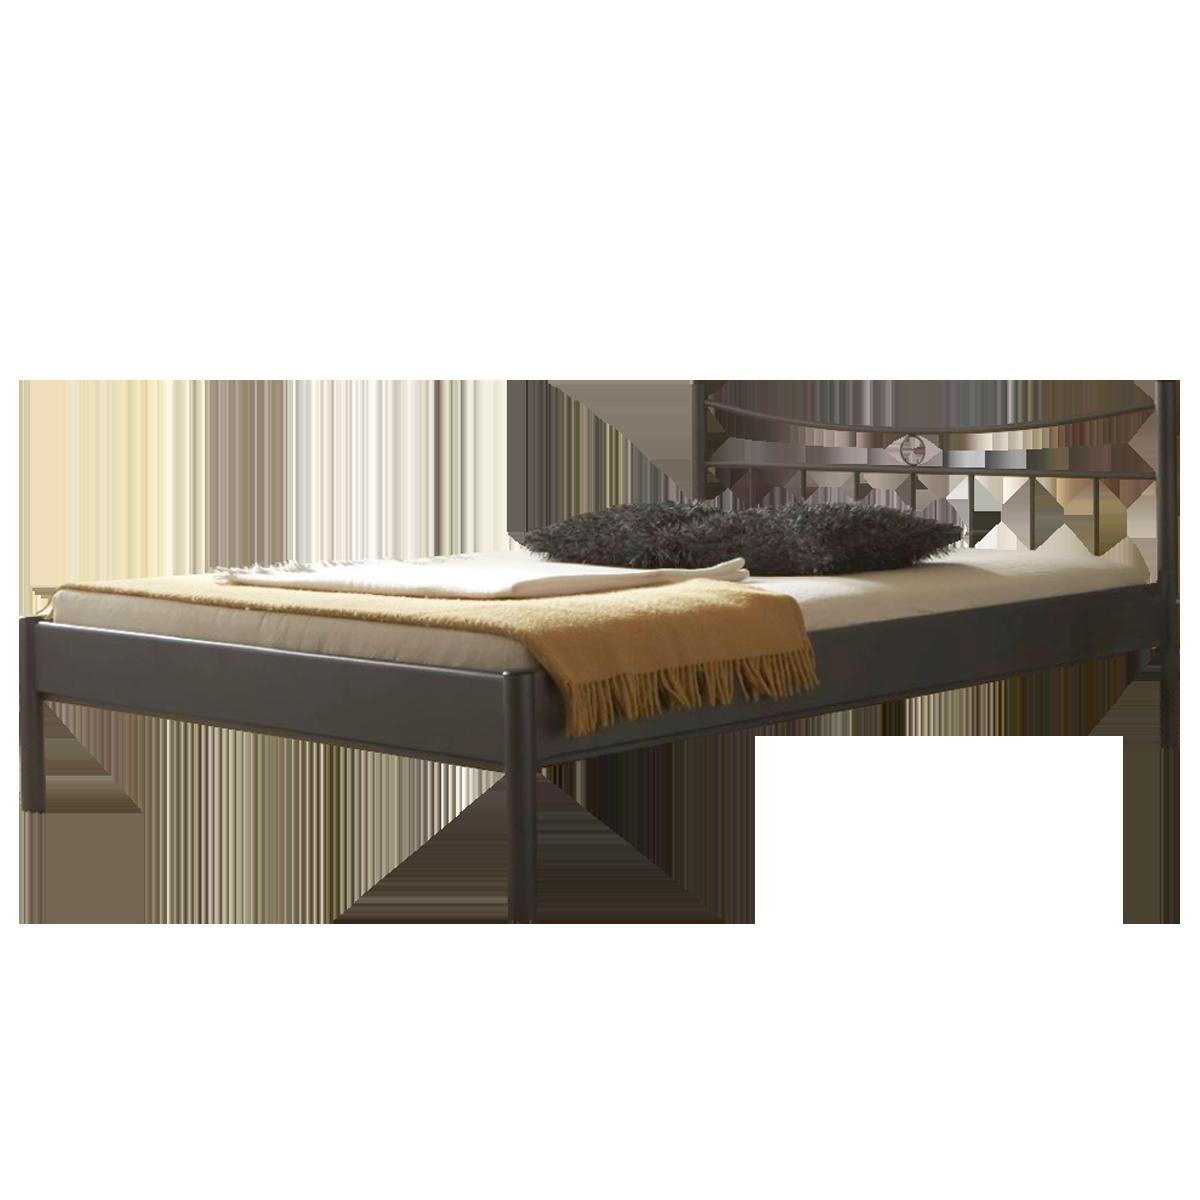 Full Size of 5b89e06598d51 Bett 100x200 Betten Weiß Wohnzimmer Metallbett 100x200